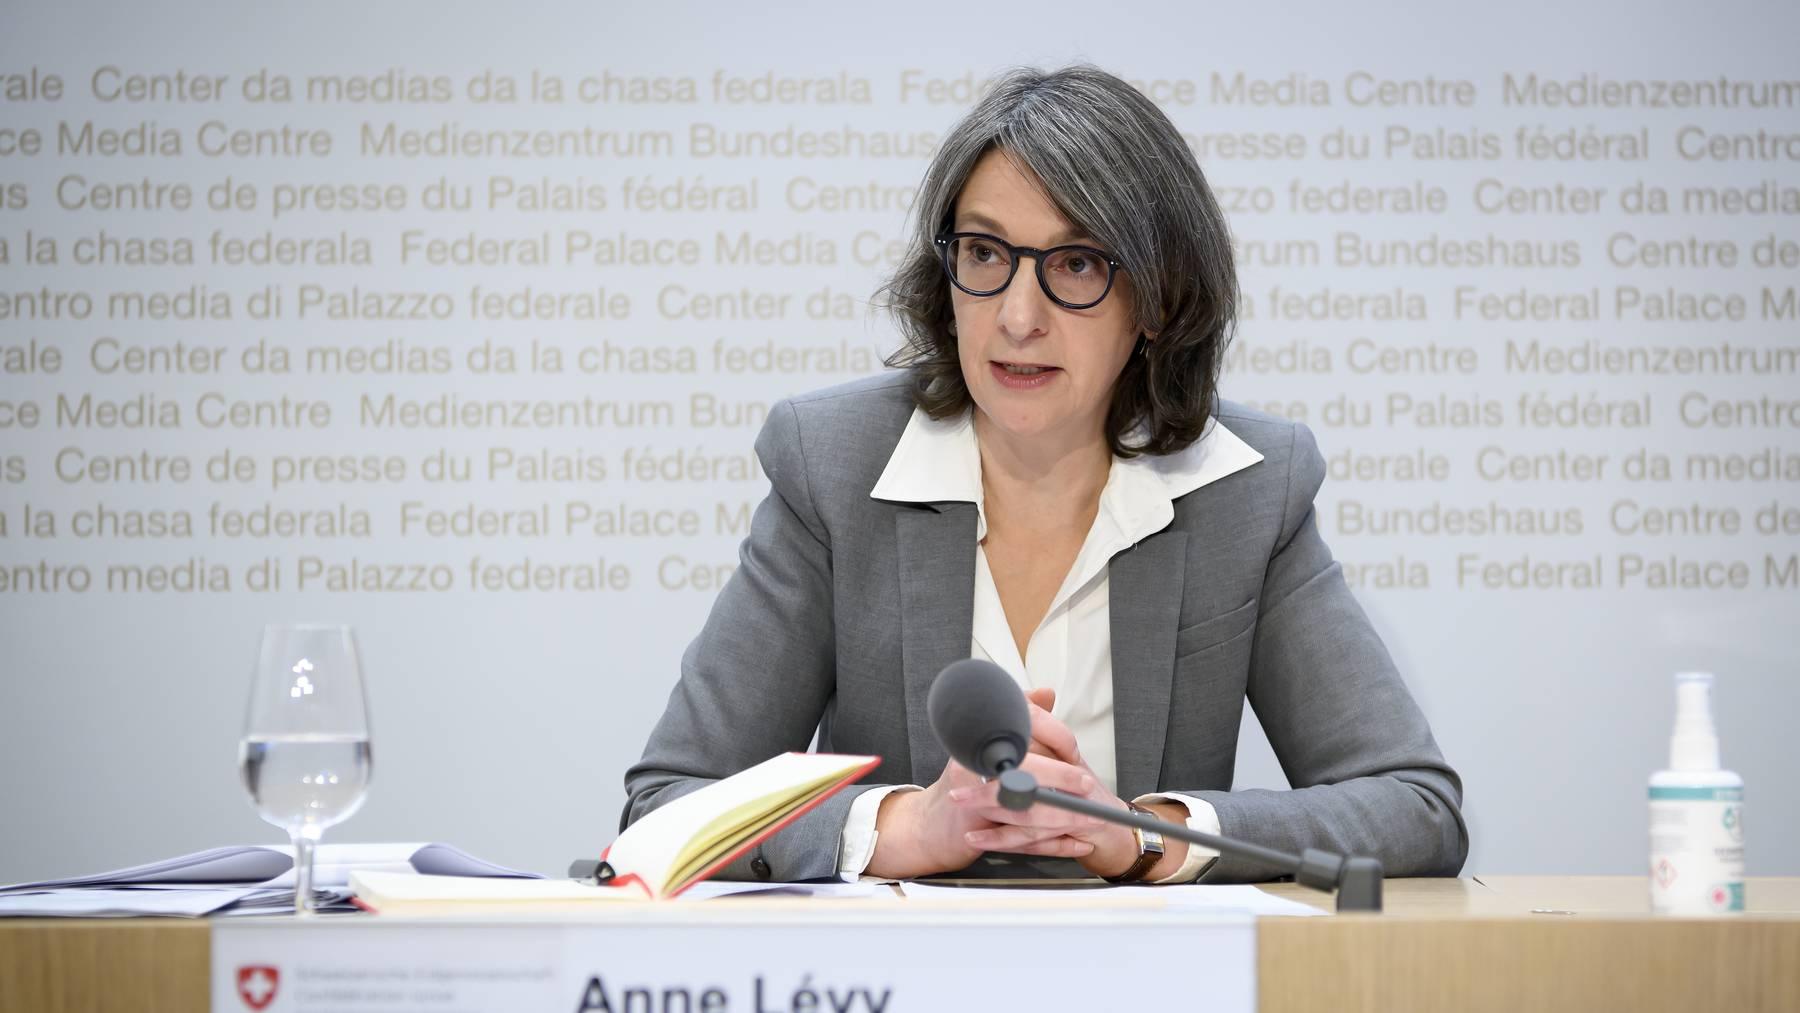 Anne Levy, Direktorin, Bundesamt fuer Gesundheit BAG